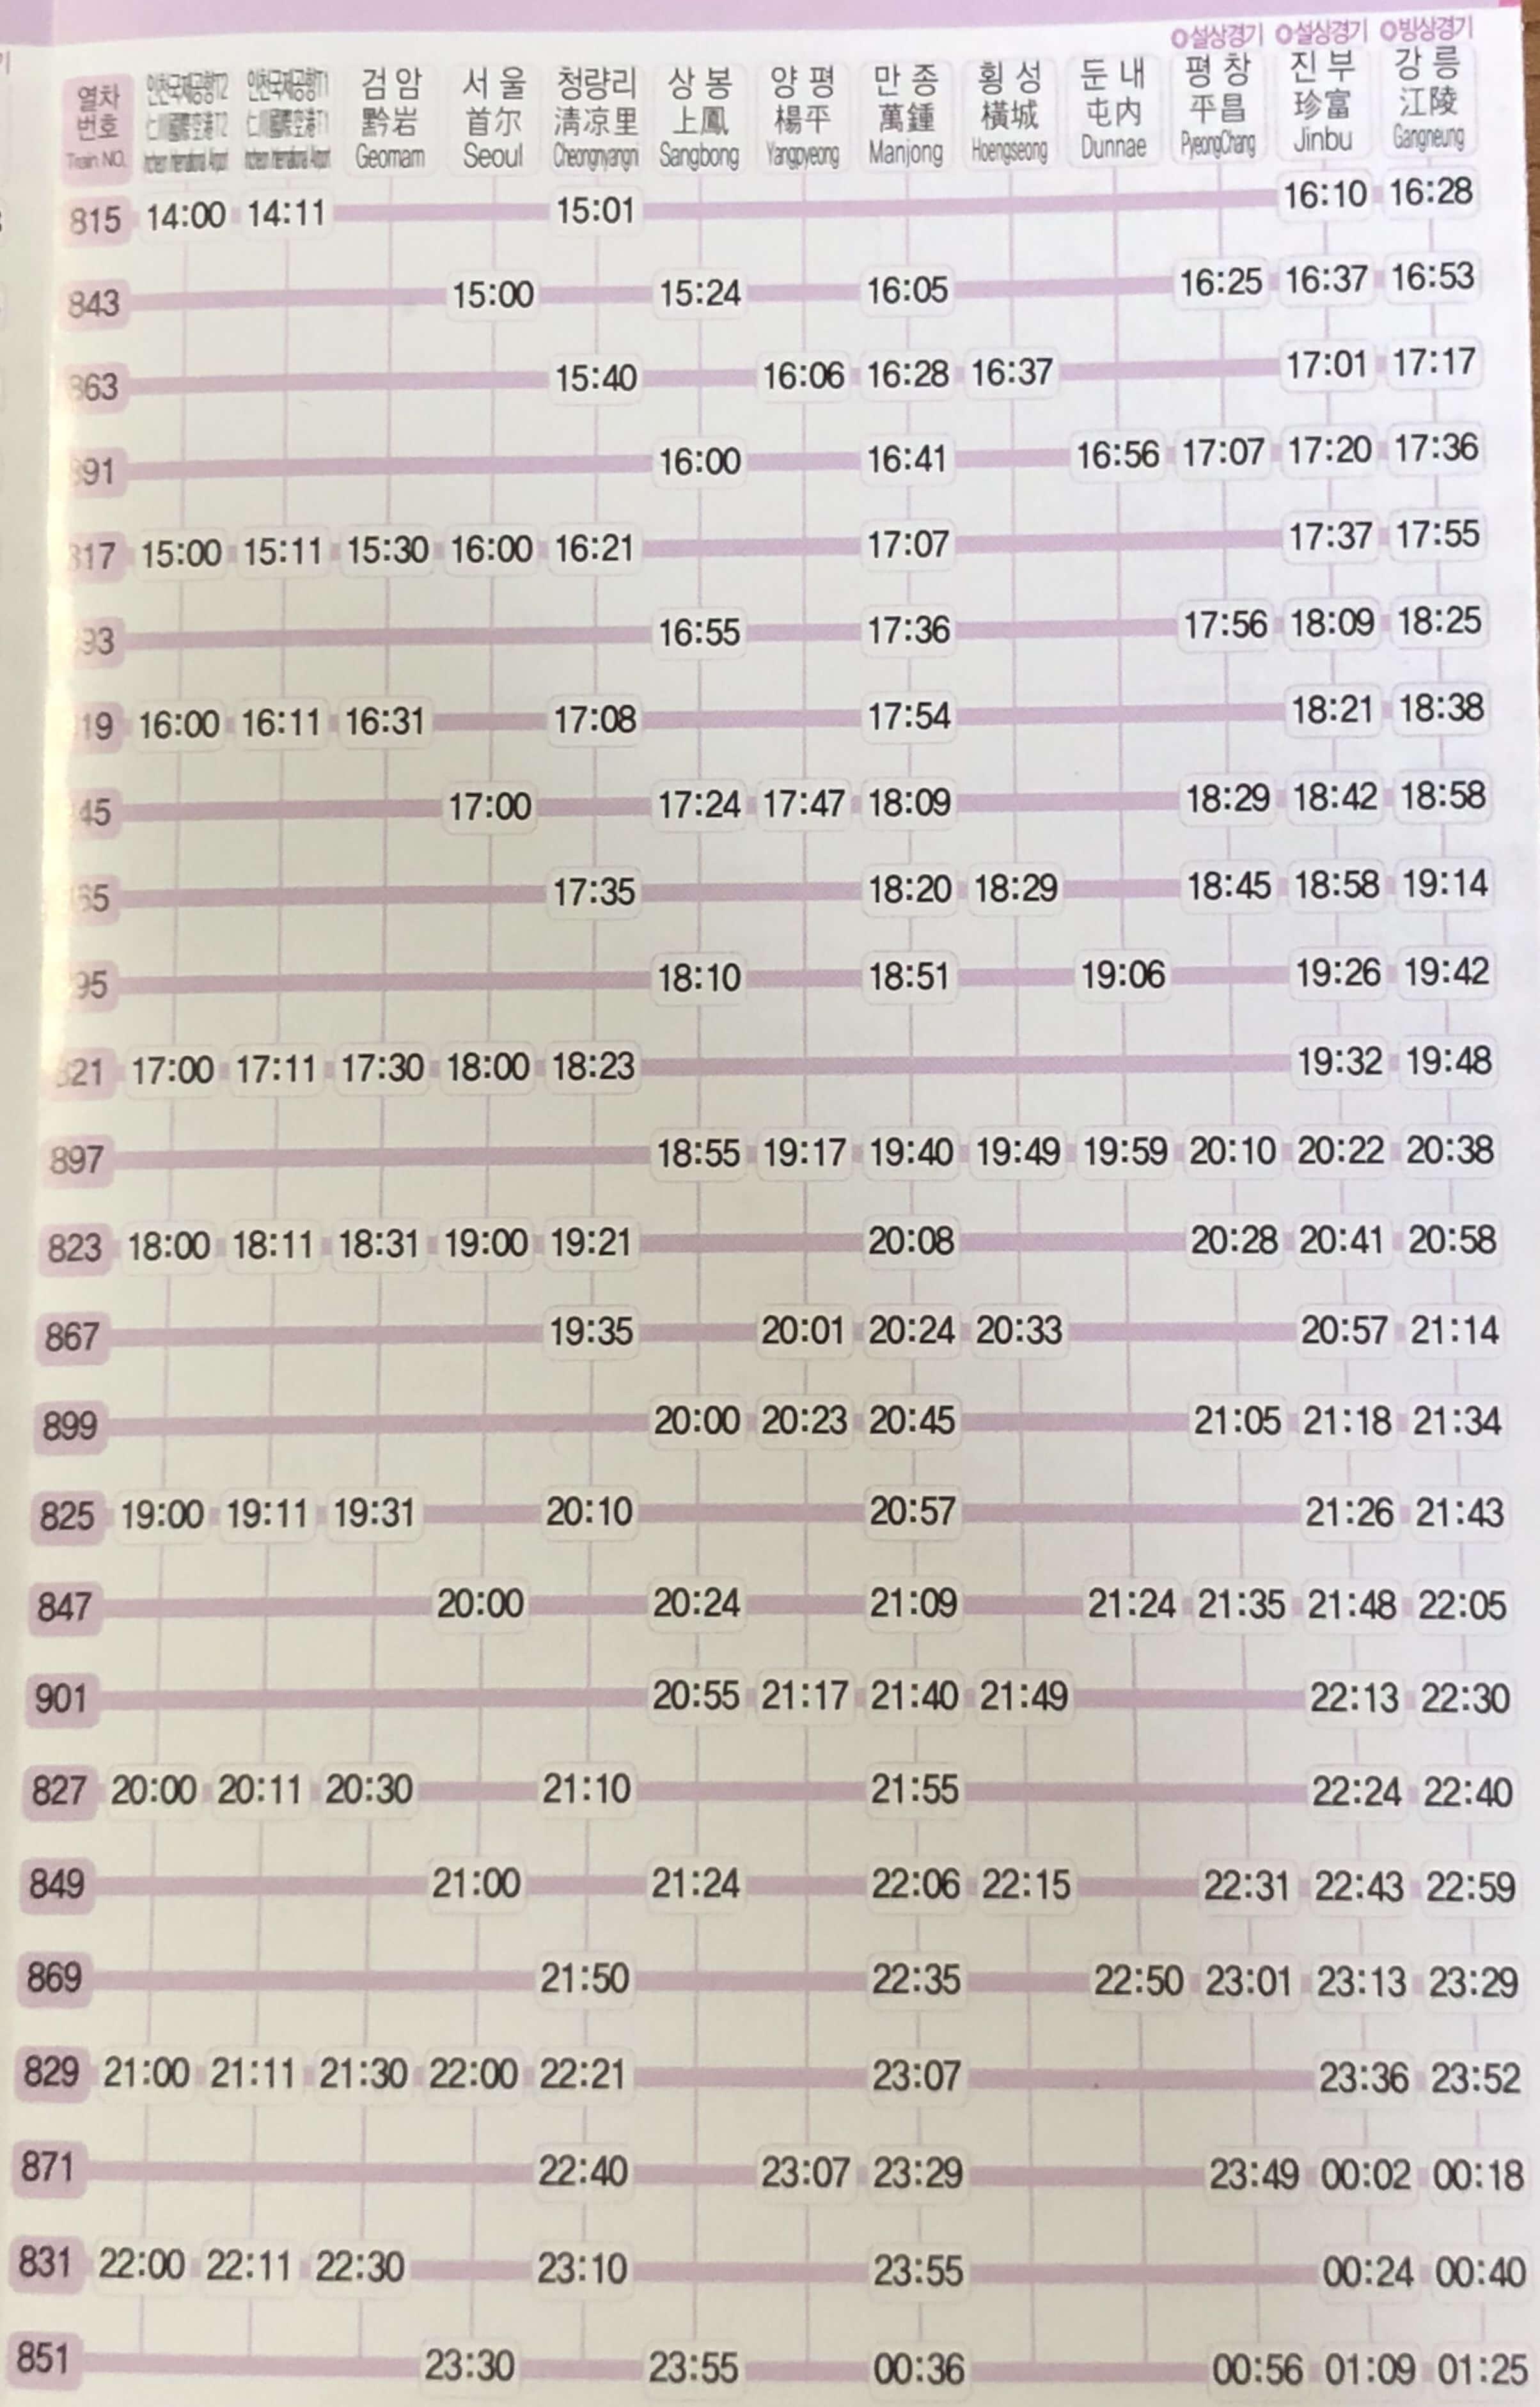 ソウルから江陵(カンヌン)のKTXの時刻表(2月10日~2月24日)2